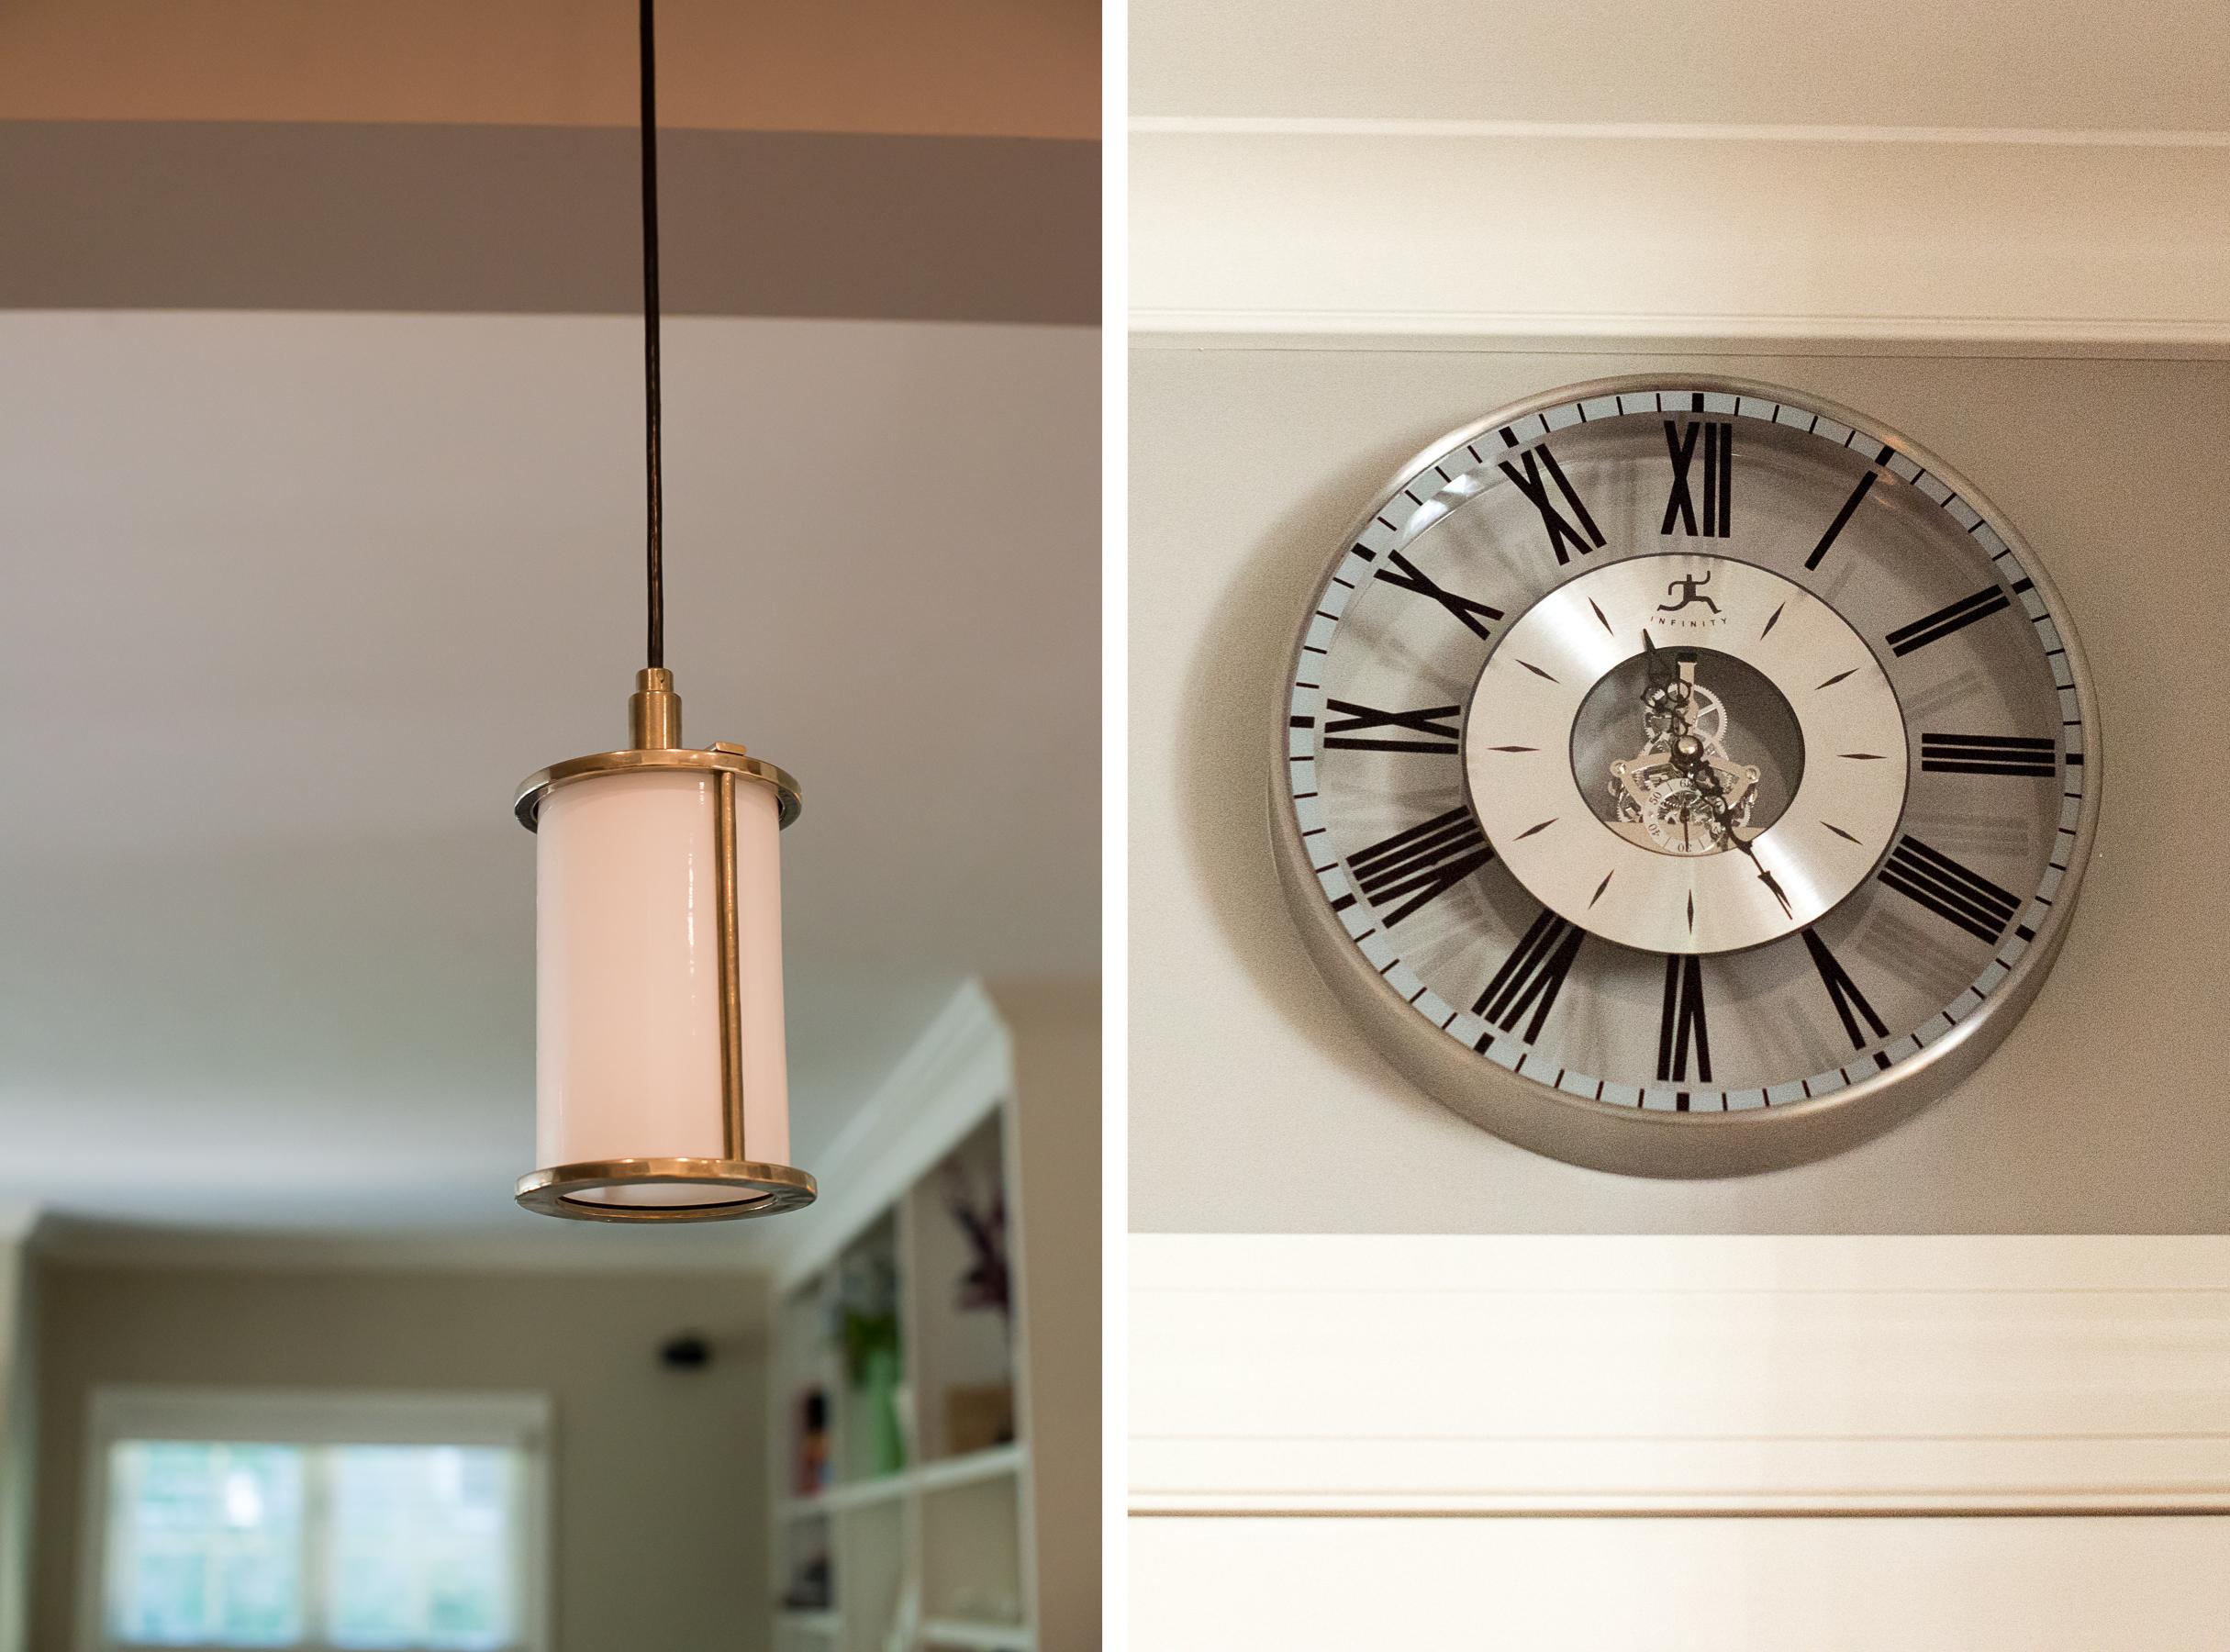 kitchen clock collage 4.jpg